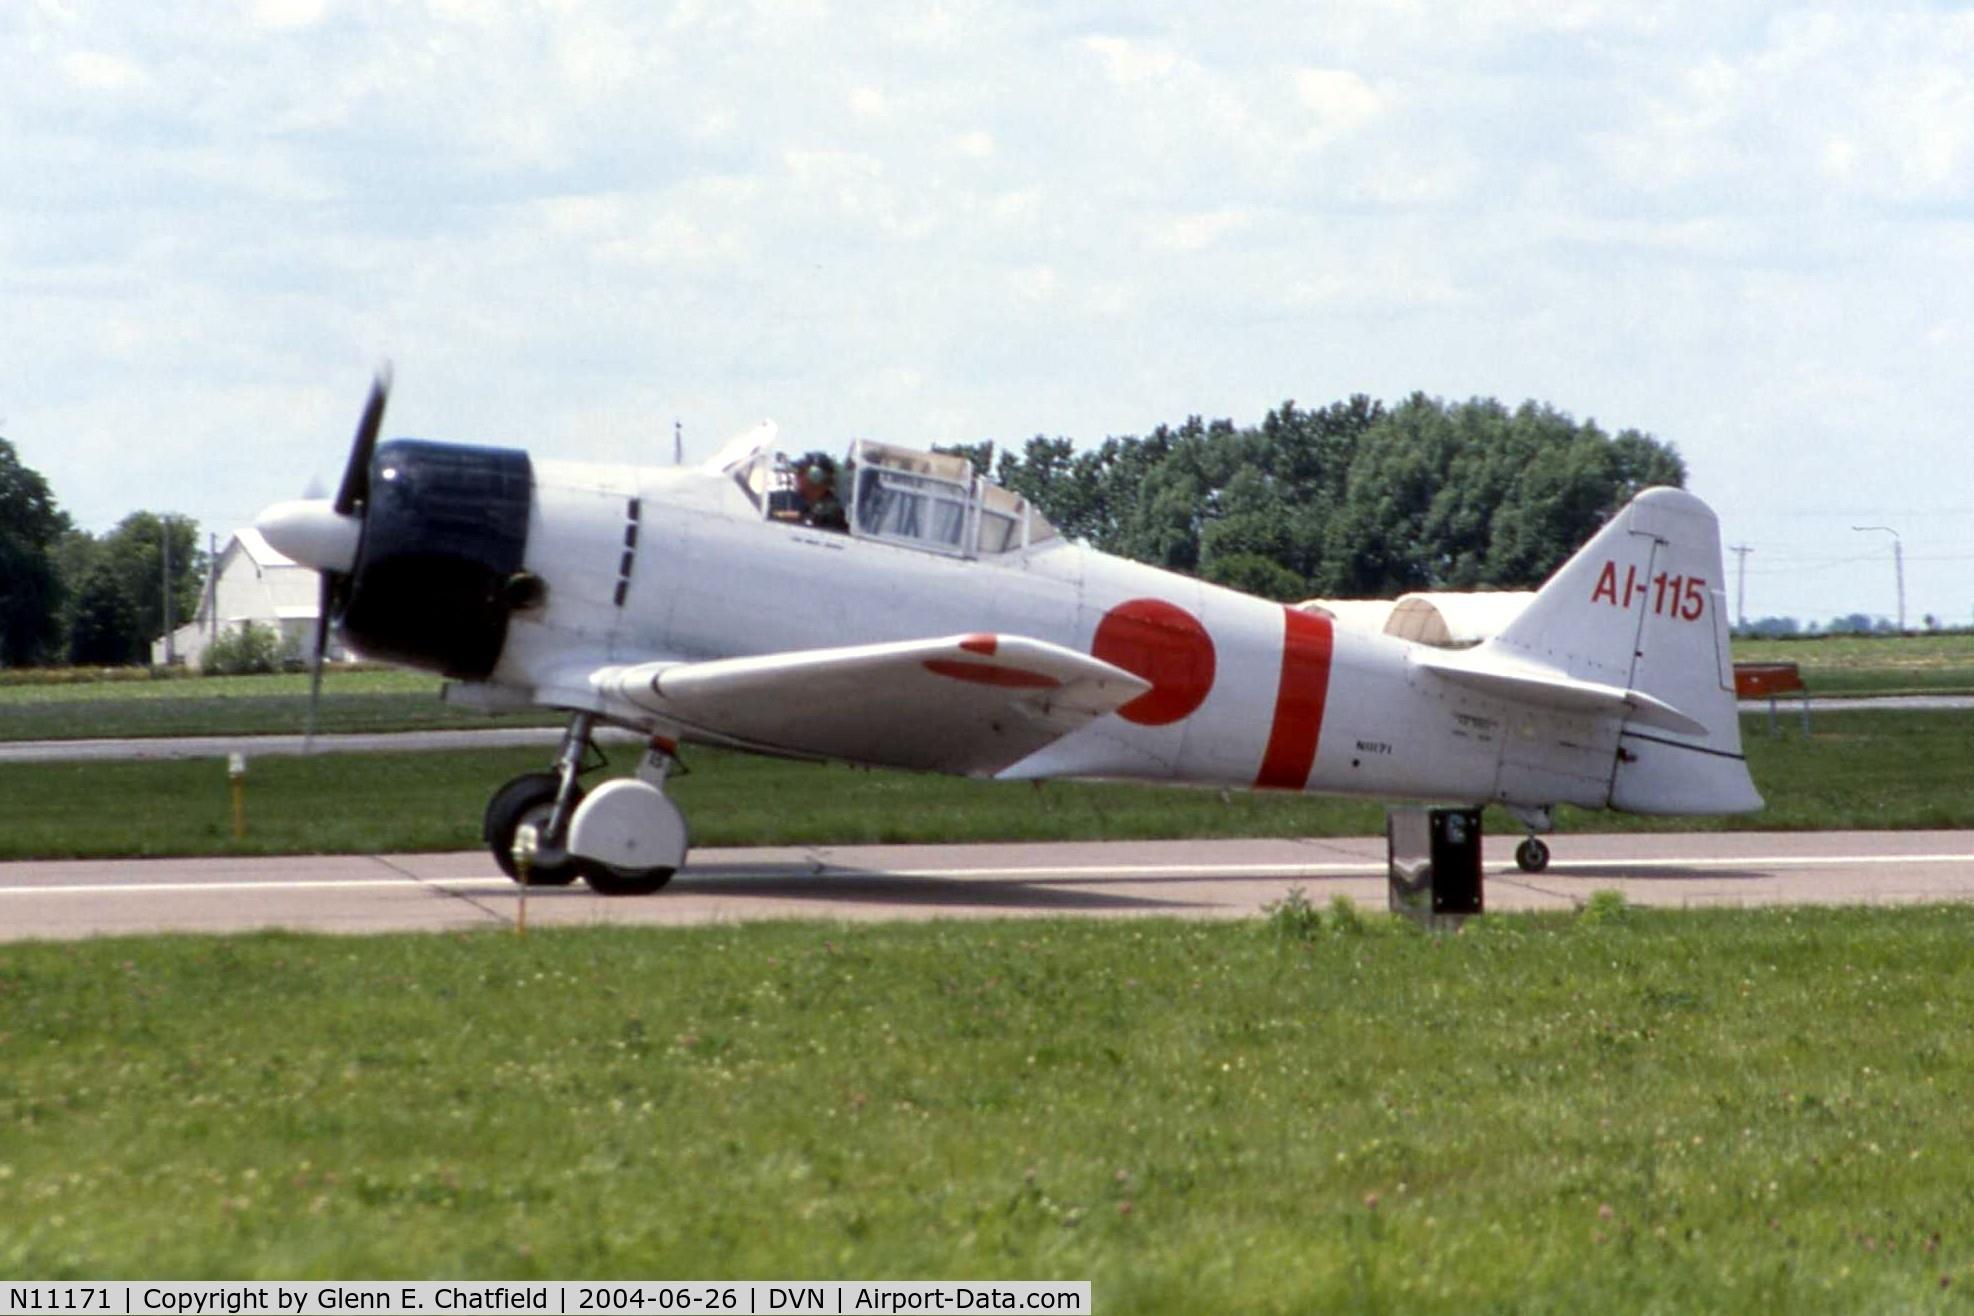 N11171, 1942 North American AT-6B Texan C/N 84-7800, At the Quad Cities Airshow, AT-6B 41-17422